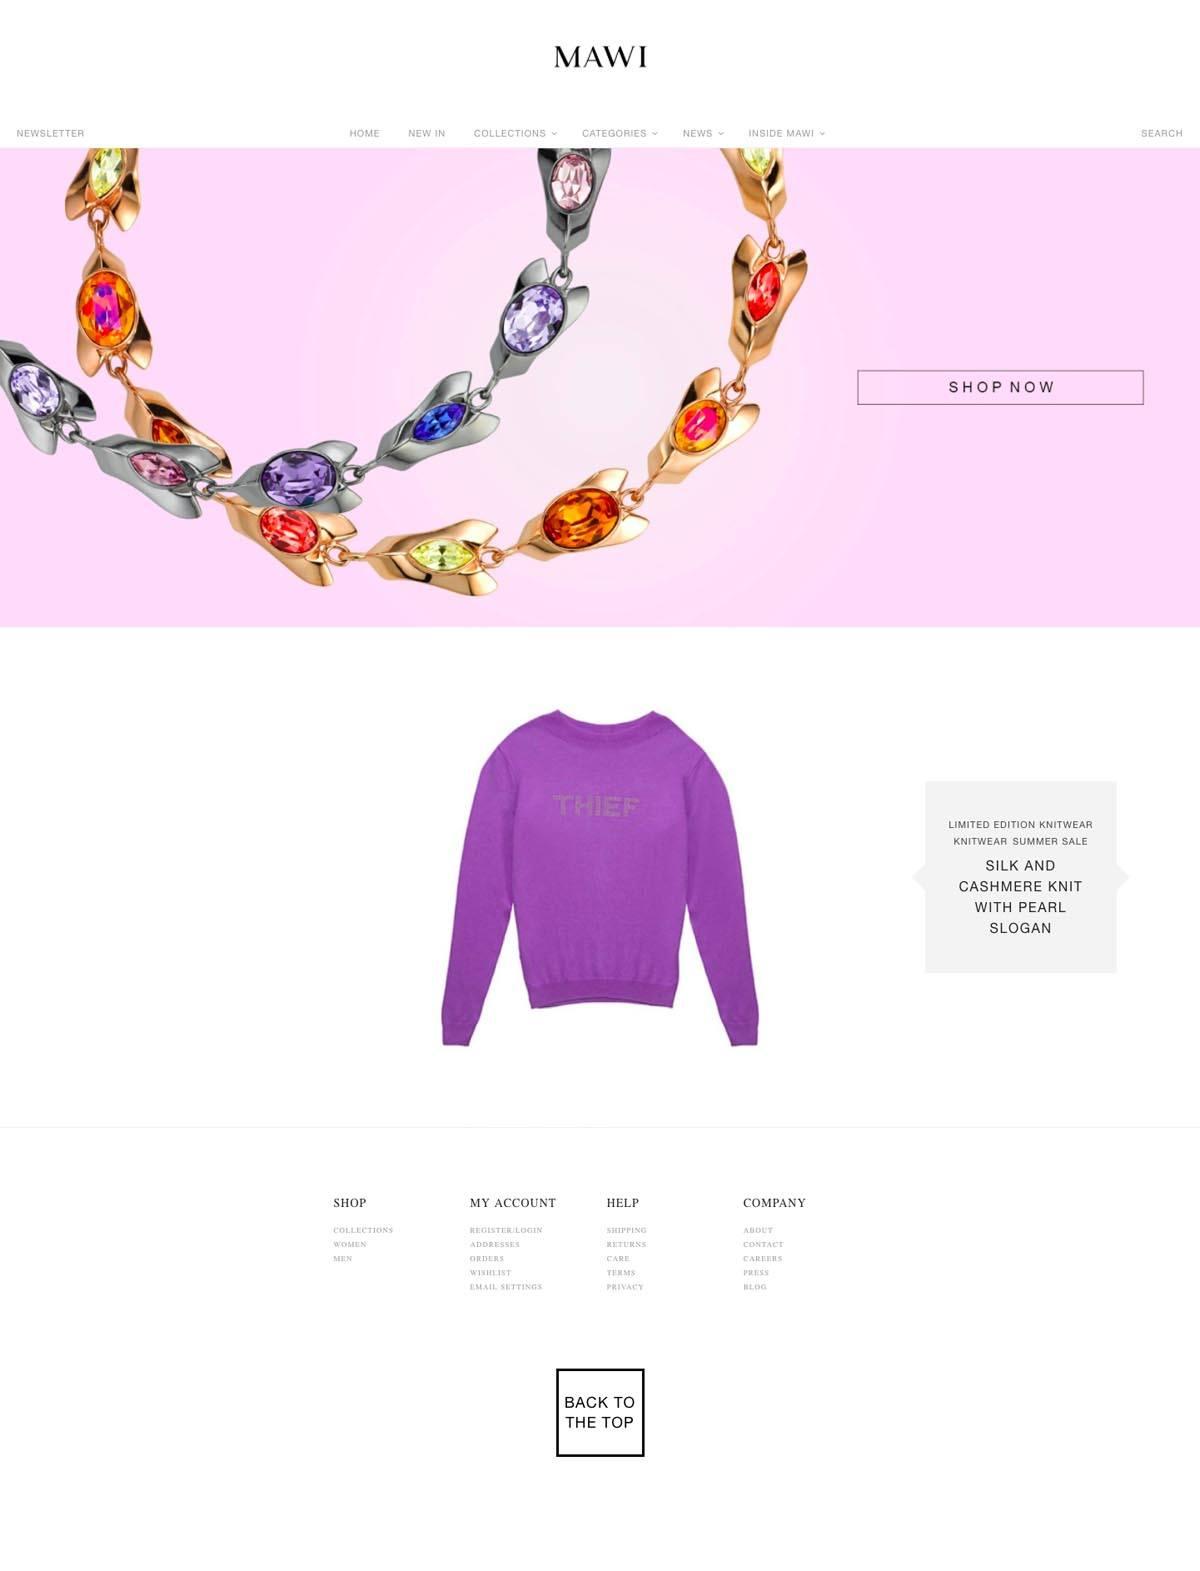 eCommerce website: MAWI